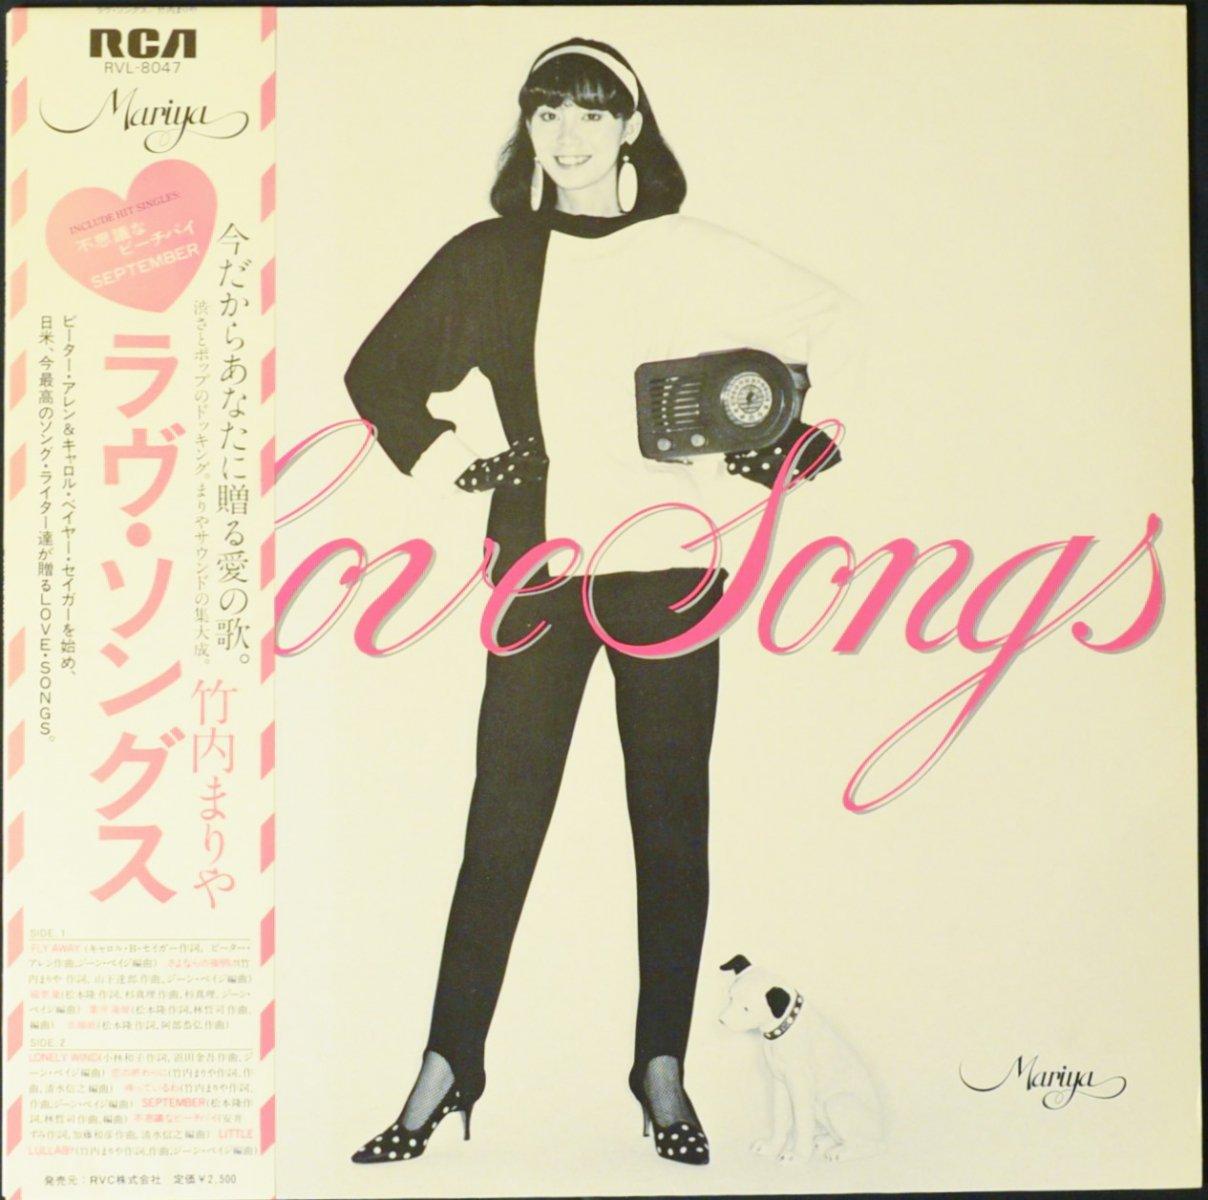 竹内まりや MARIYA TAKEUCHI / ラヴ・ソングス LOVE SONGS (LP)